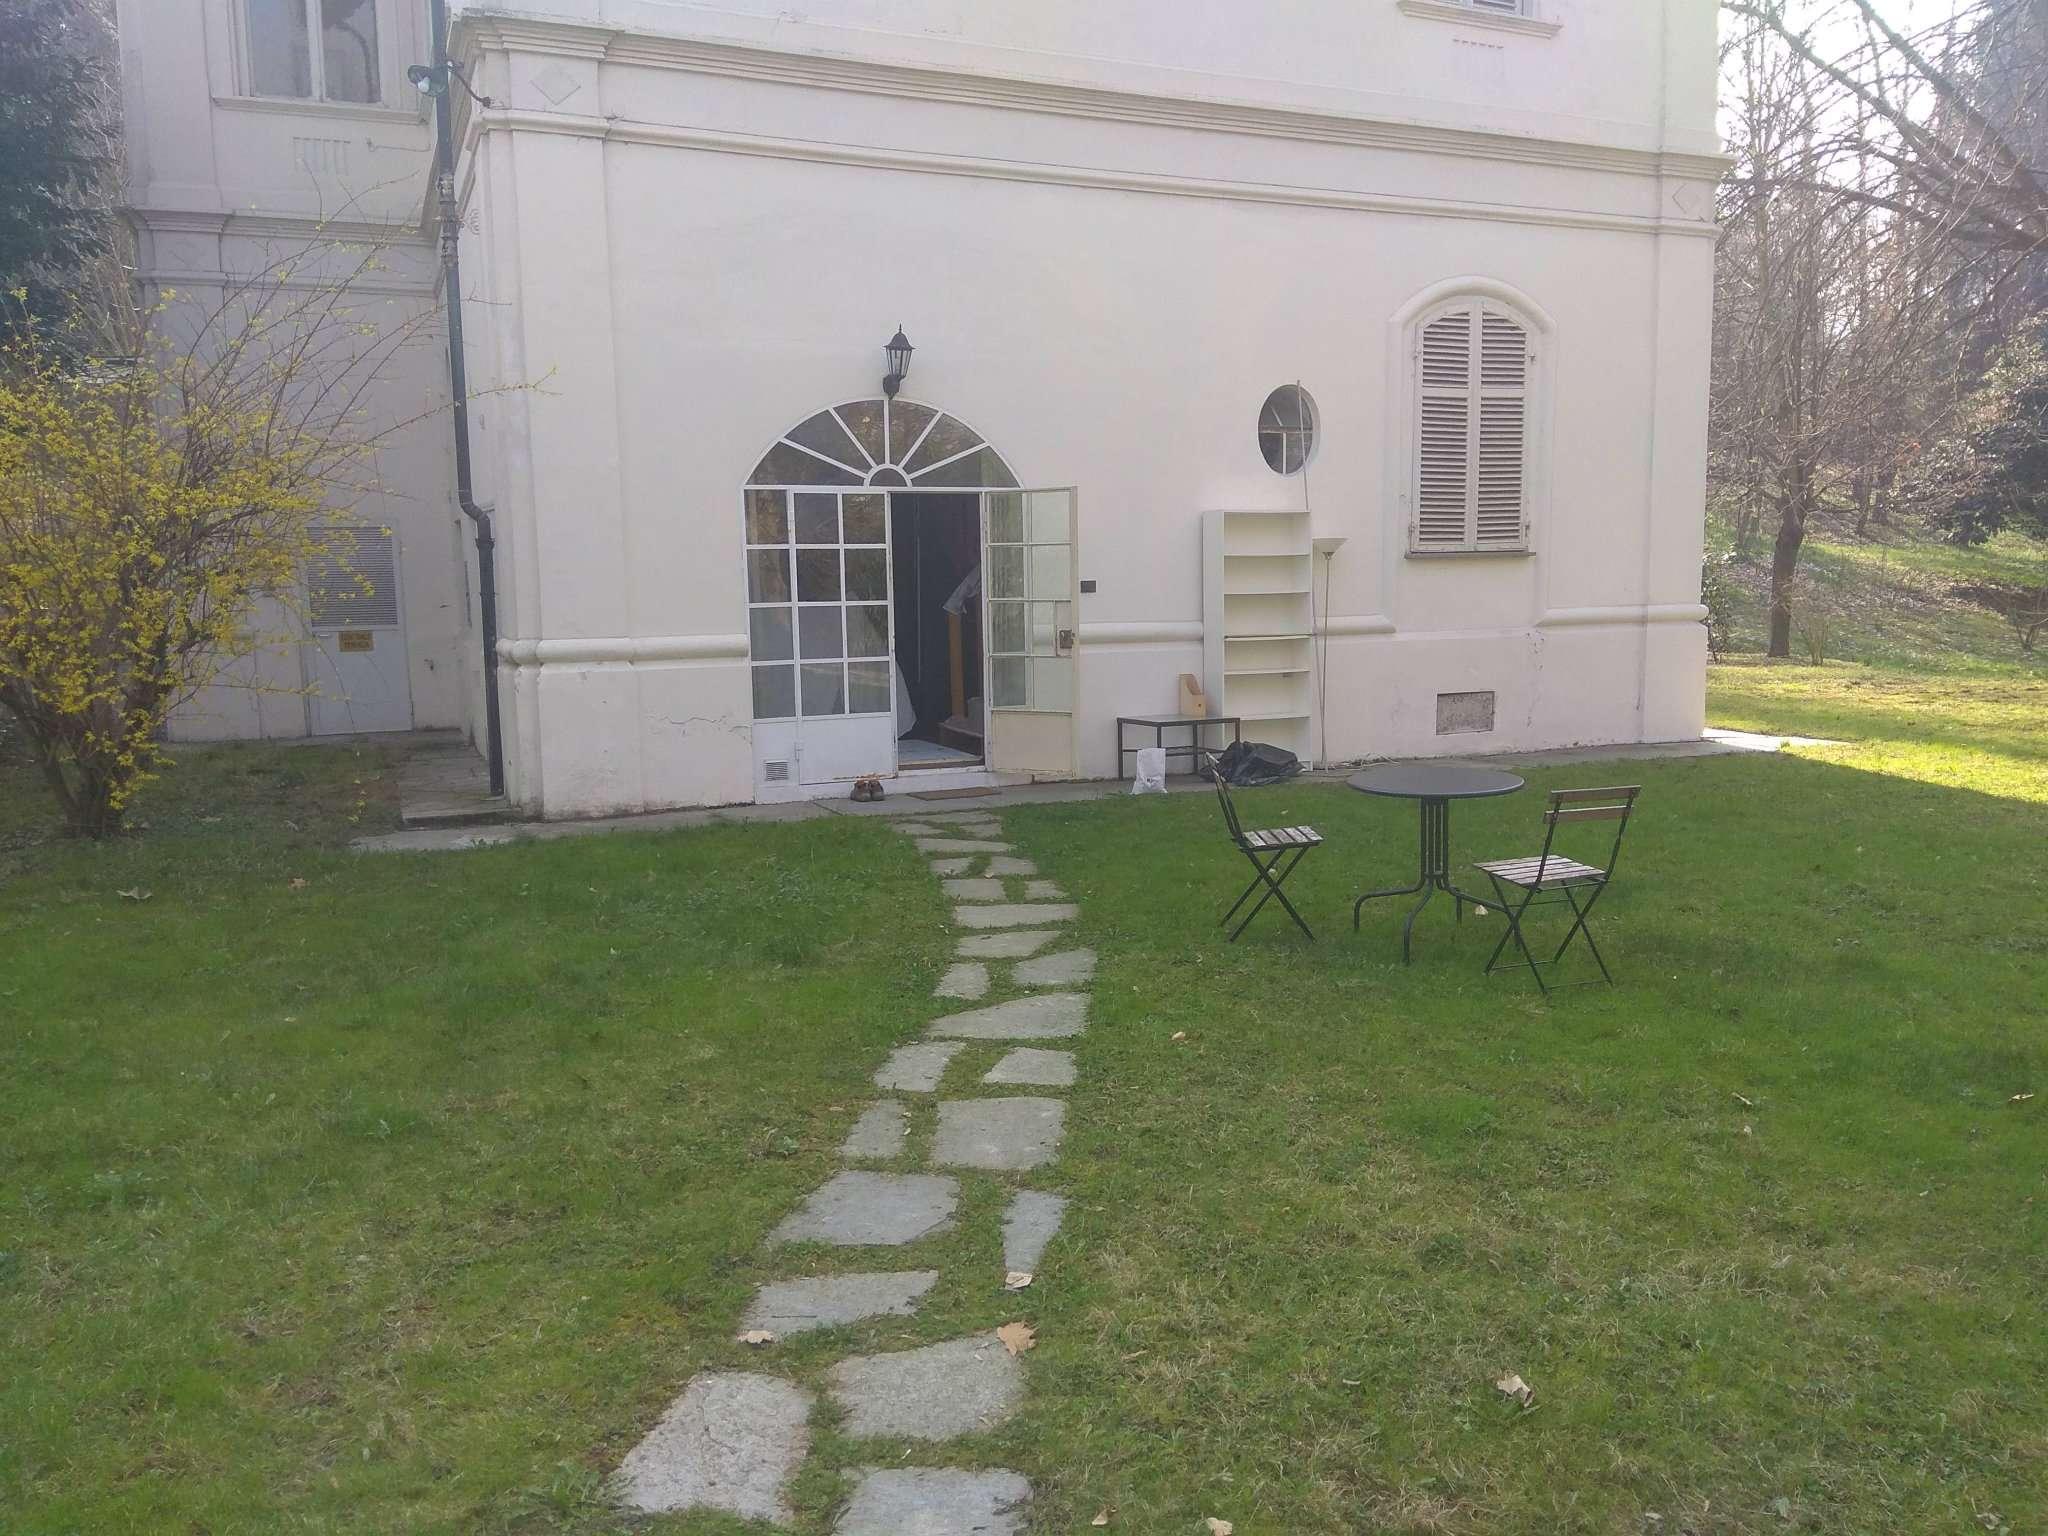 Appartamento con giardino privato affitto a torino - Affitto casa con giardino provincia torino ...